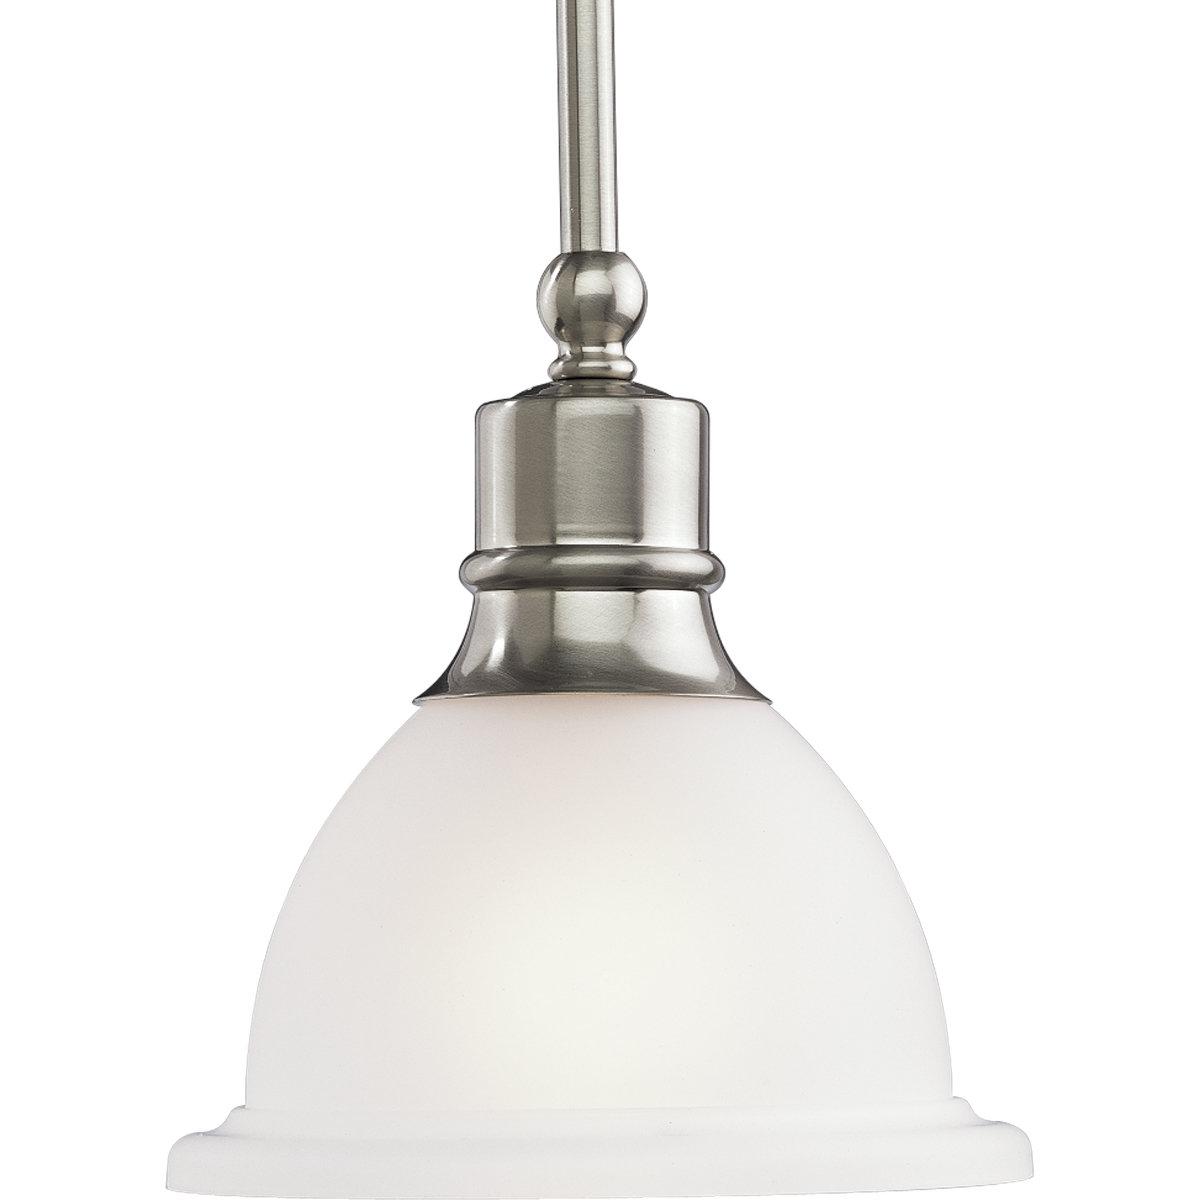 Vangorder 1-Light Single Bell Pendant within Abernathy 1-Light Dome Pendants (Image 29 of 30)